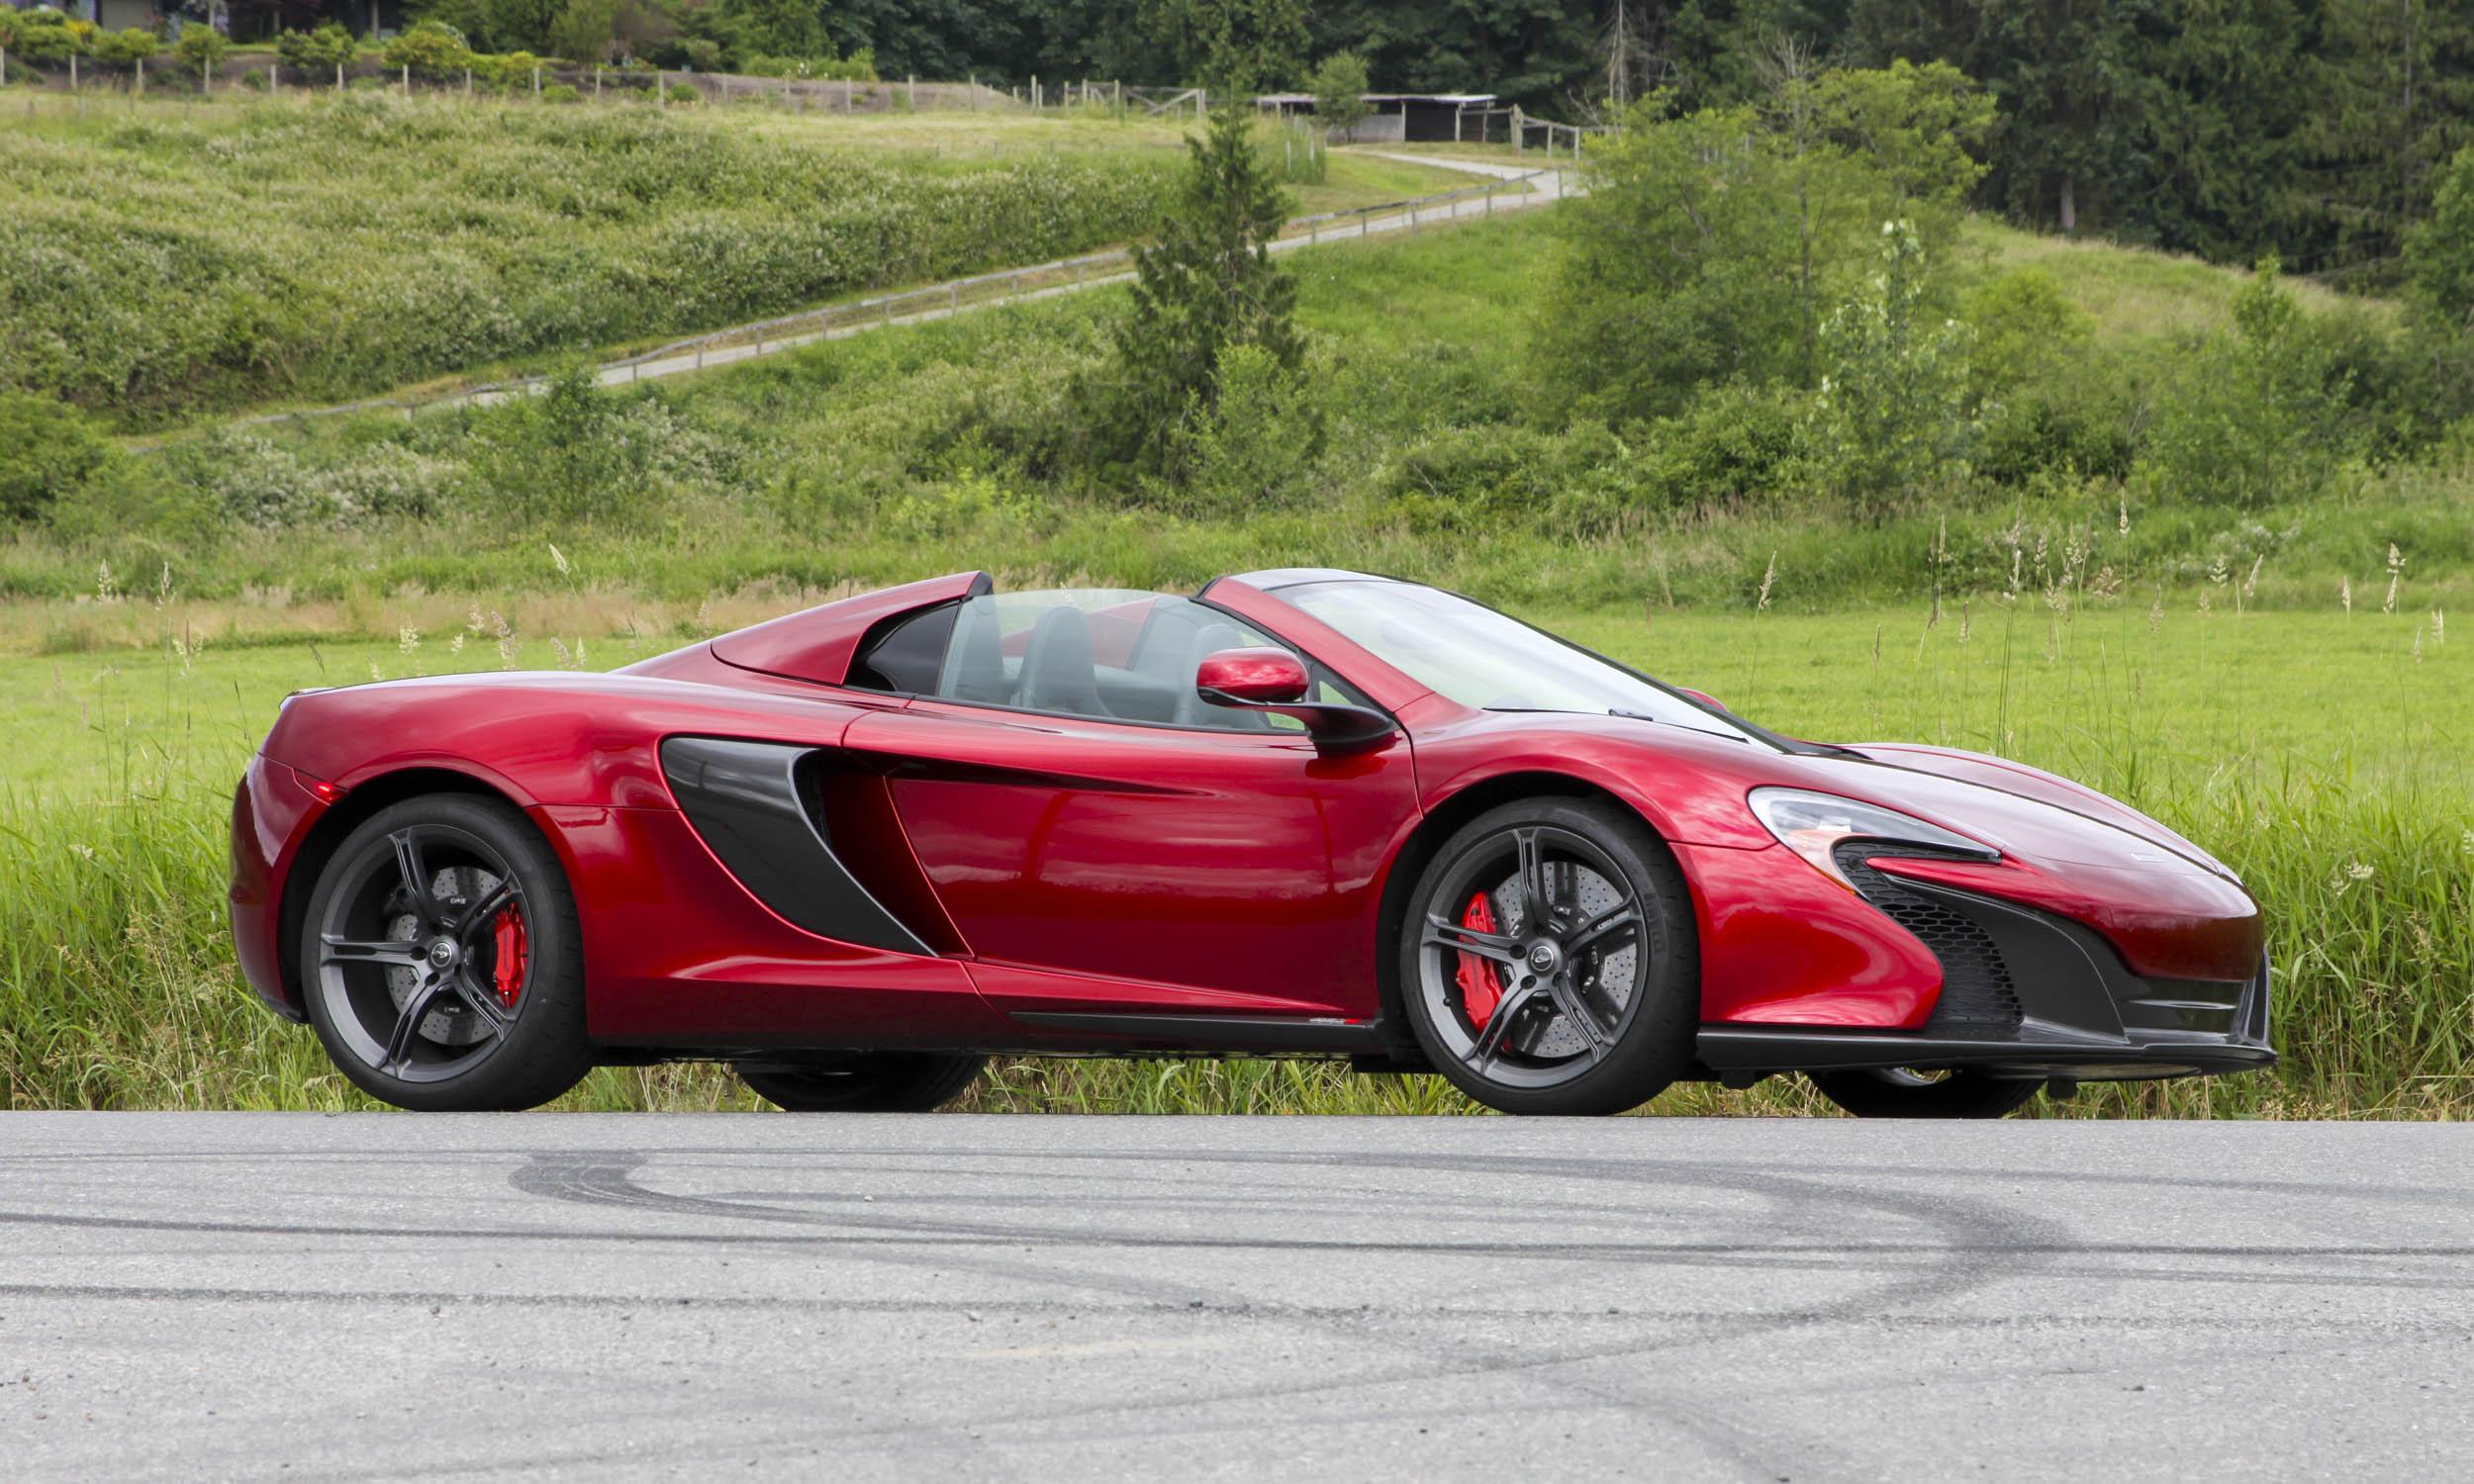 http://autonxt.net/wp-content/uploads/2015/06/McLaren-650S20.jpg